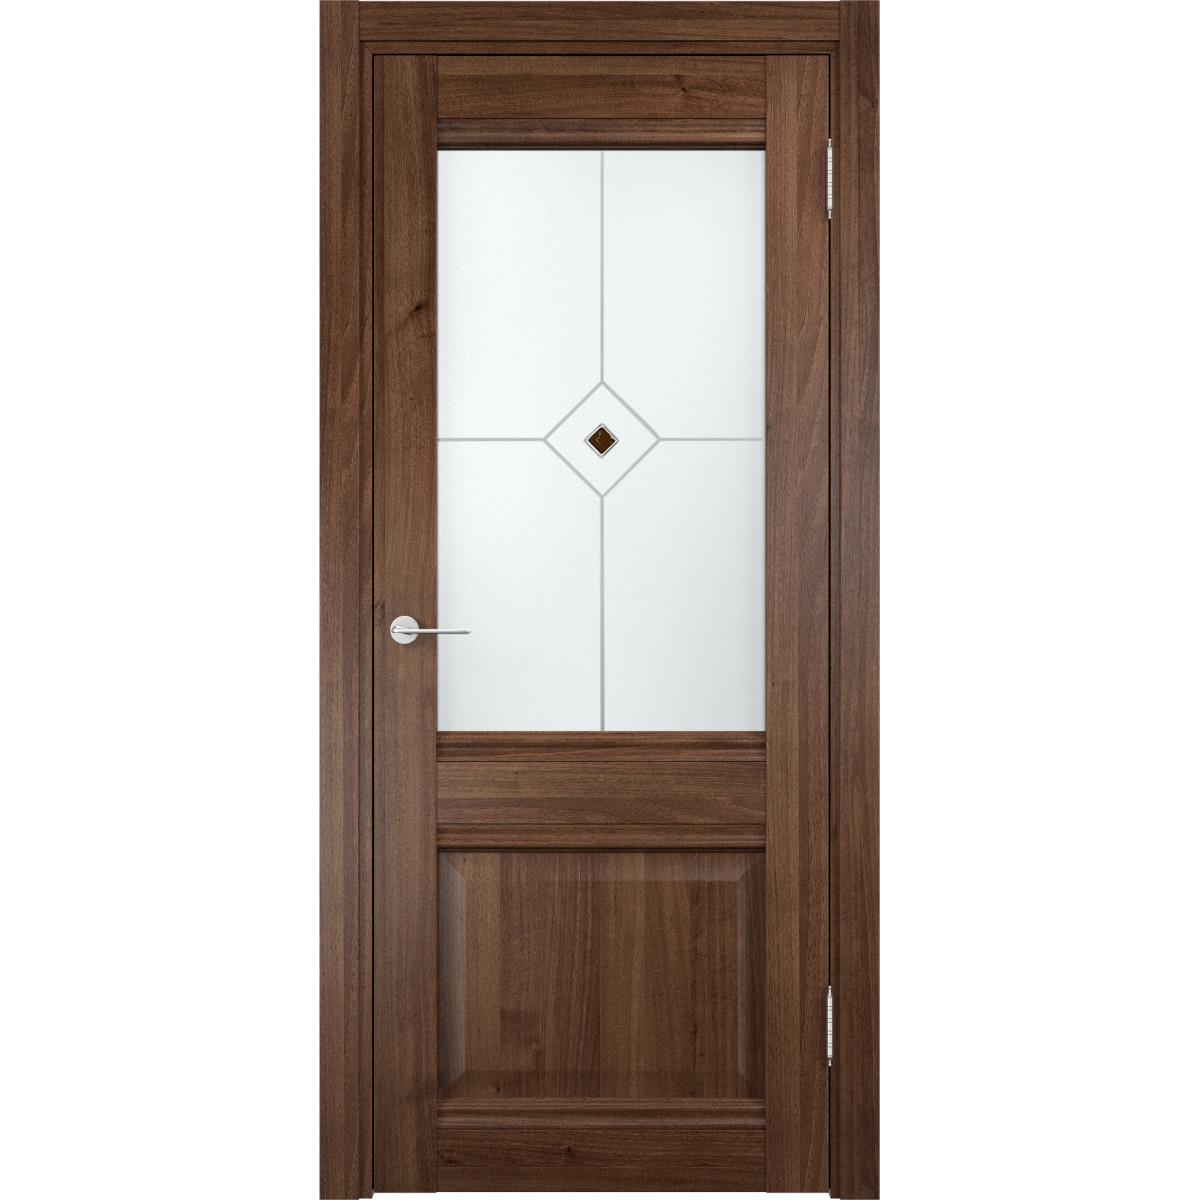 Дверное полотно Casaporte Милан МП_0178 2000х800х44 мм МДФ